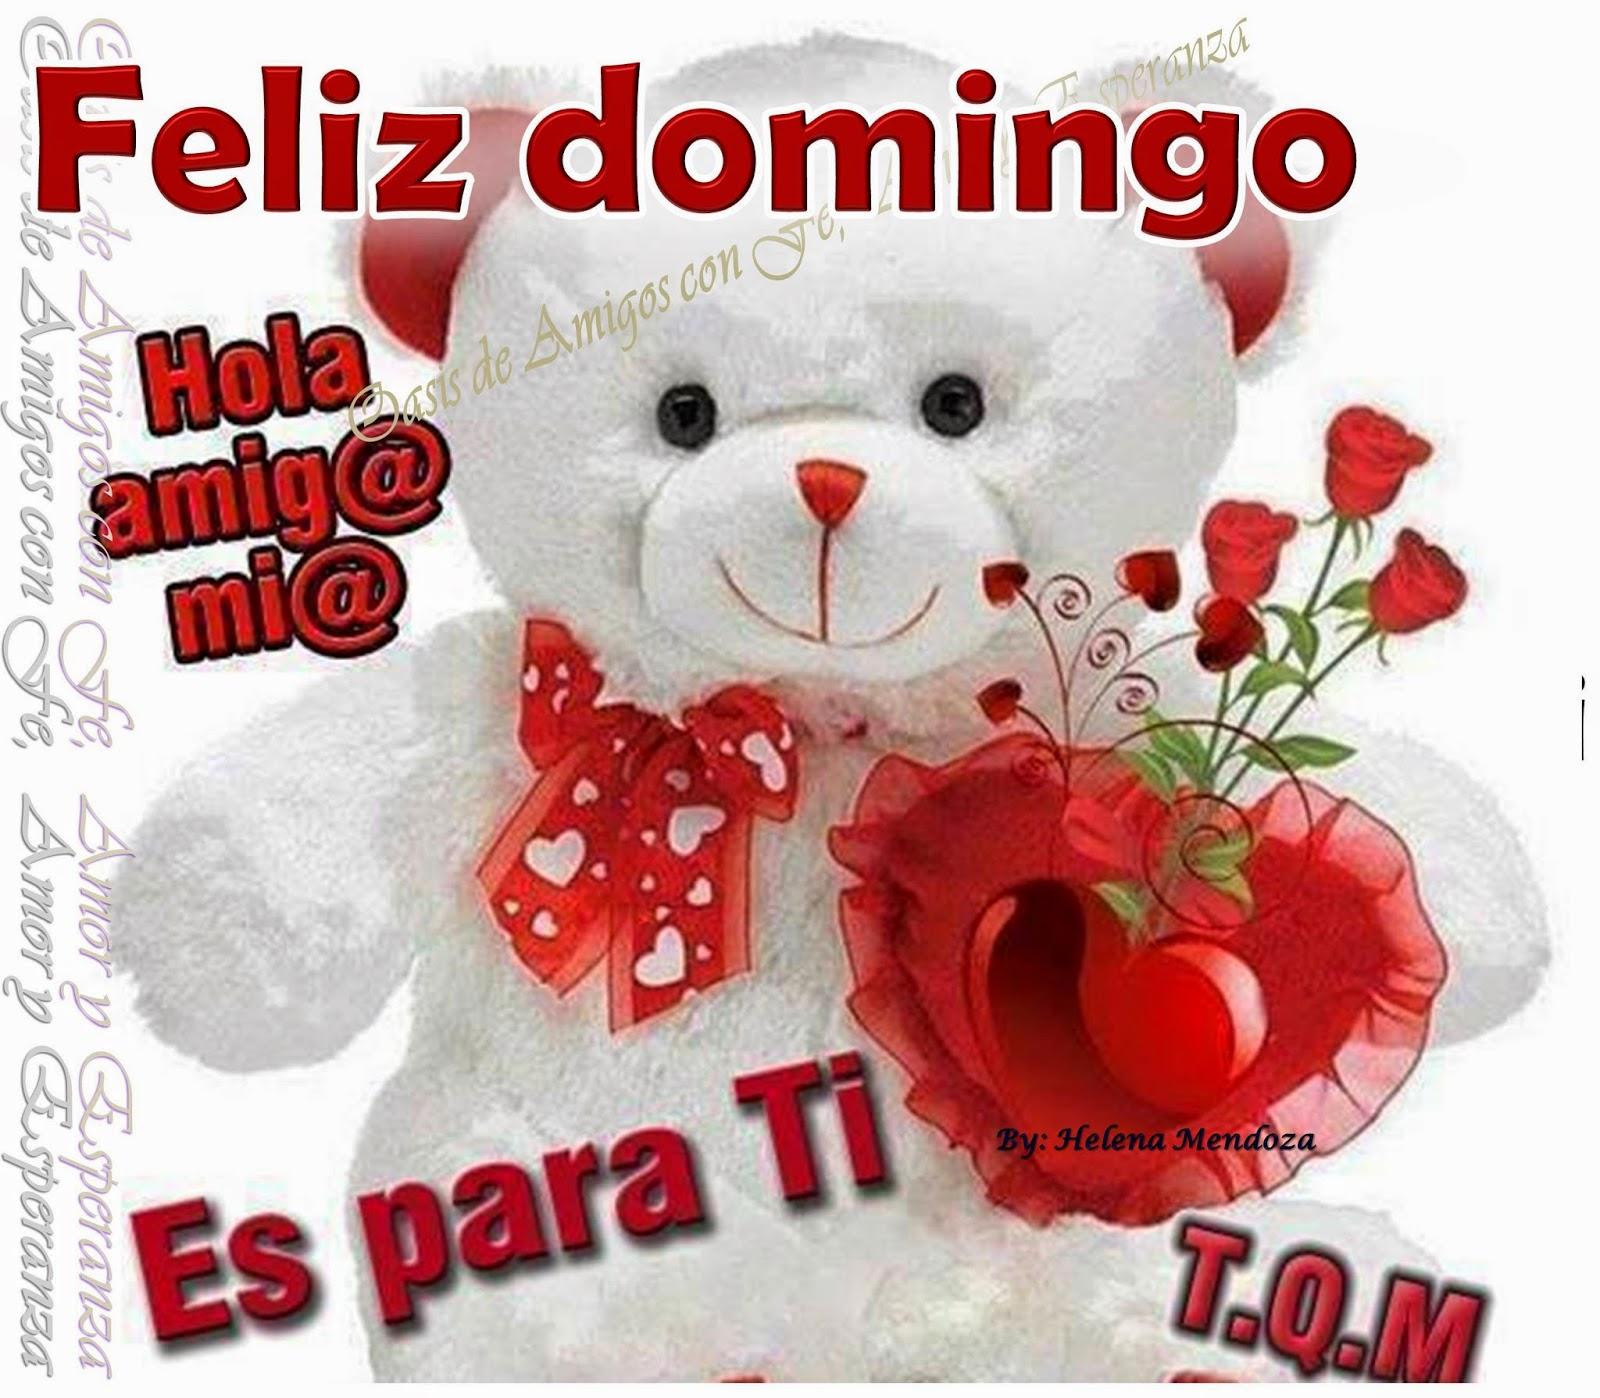 Bonito Lunes Mi Amor envia imágenes de feliz domingo en frases y mensajes bonitos